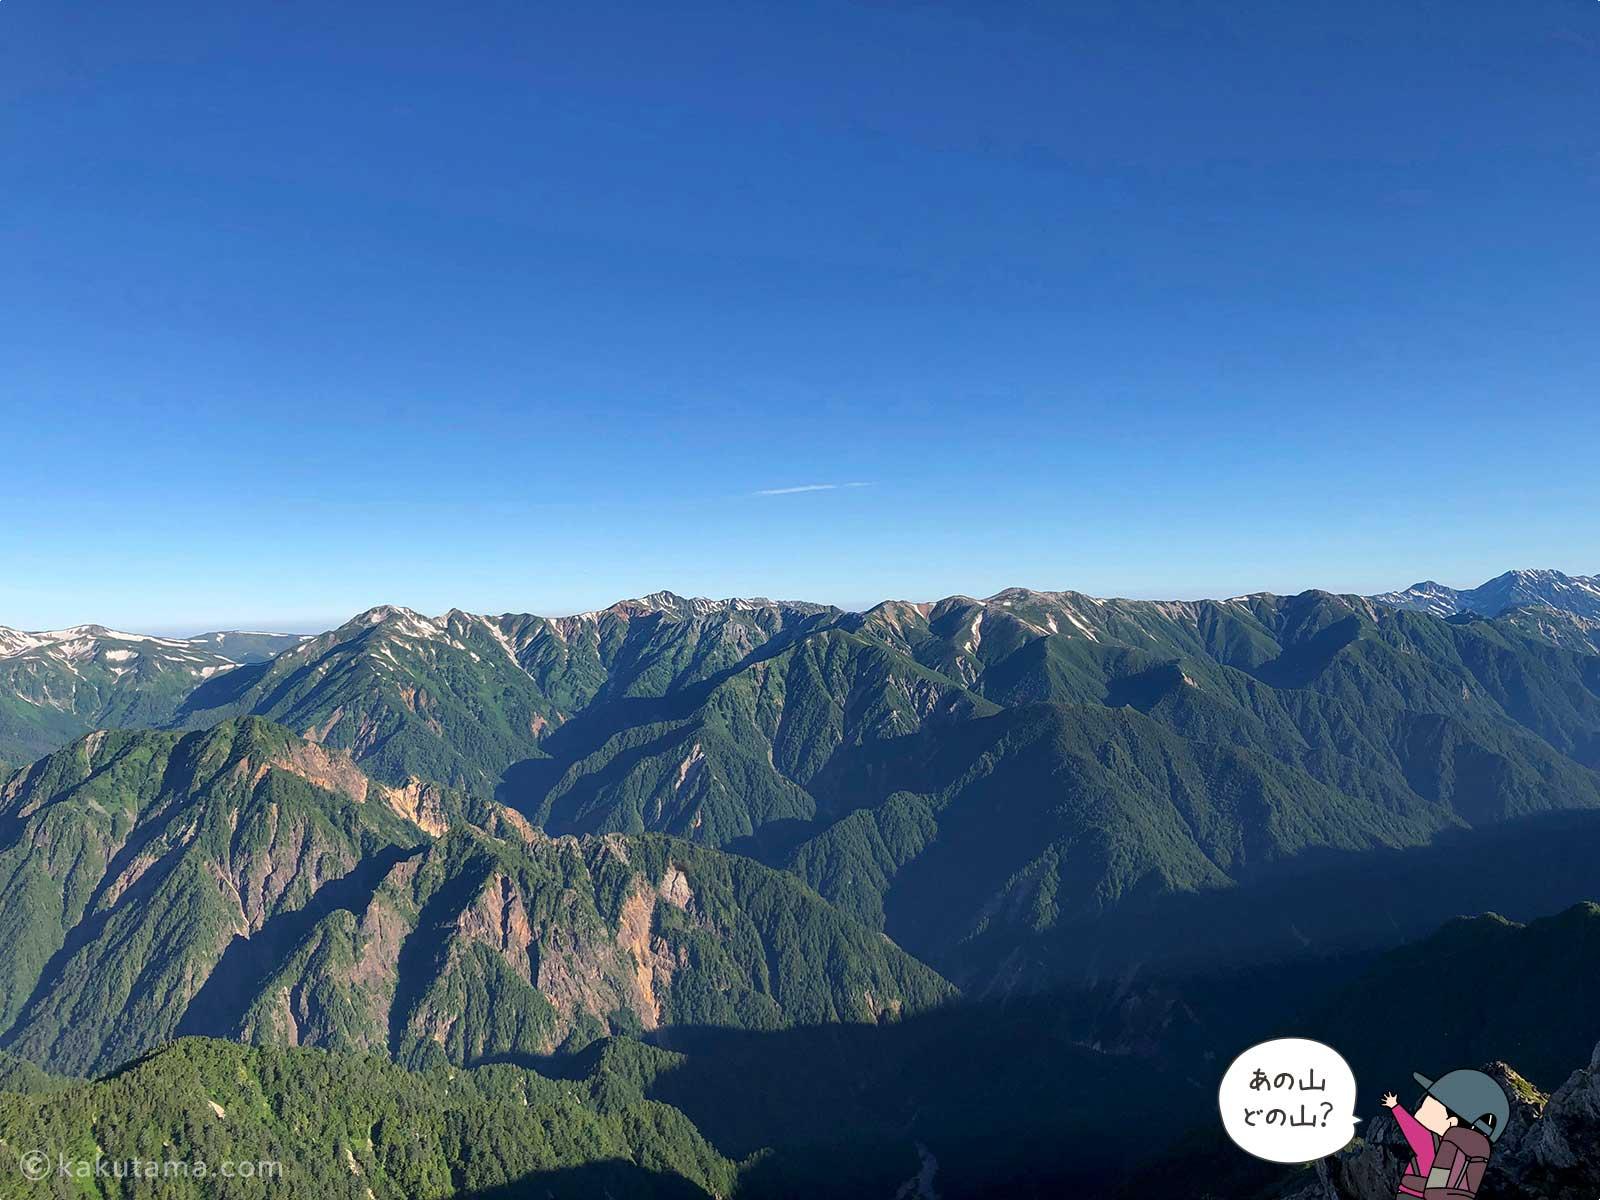 大天井岳から見る山々